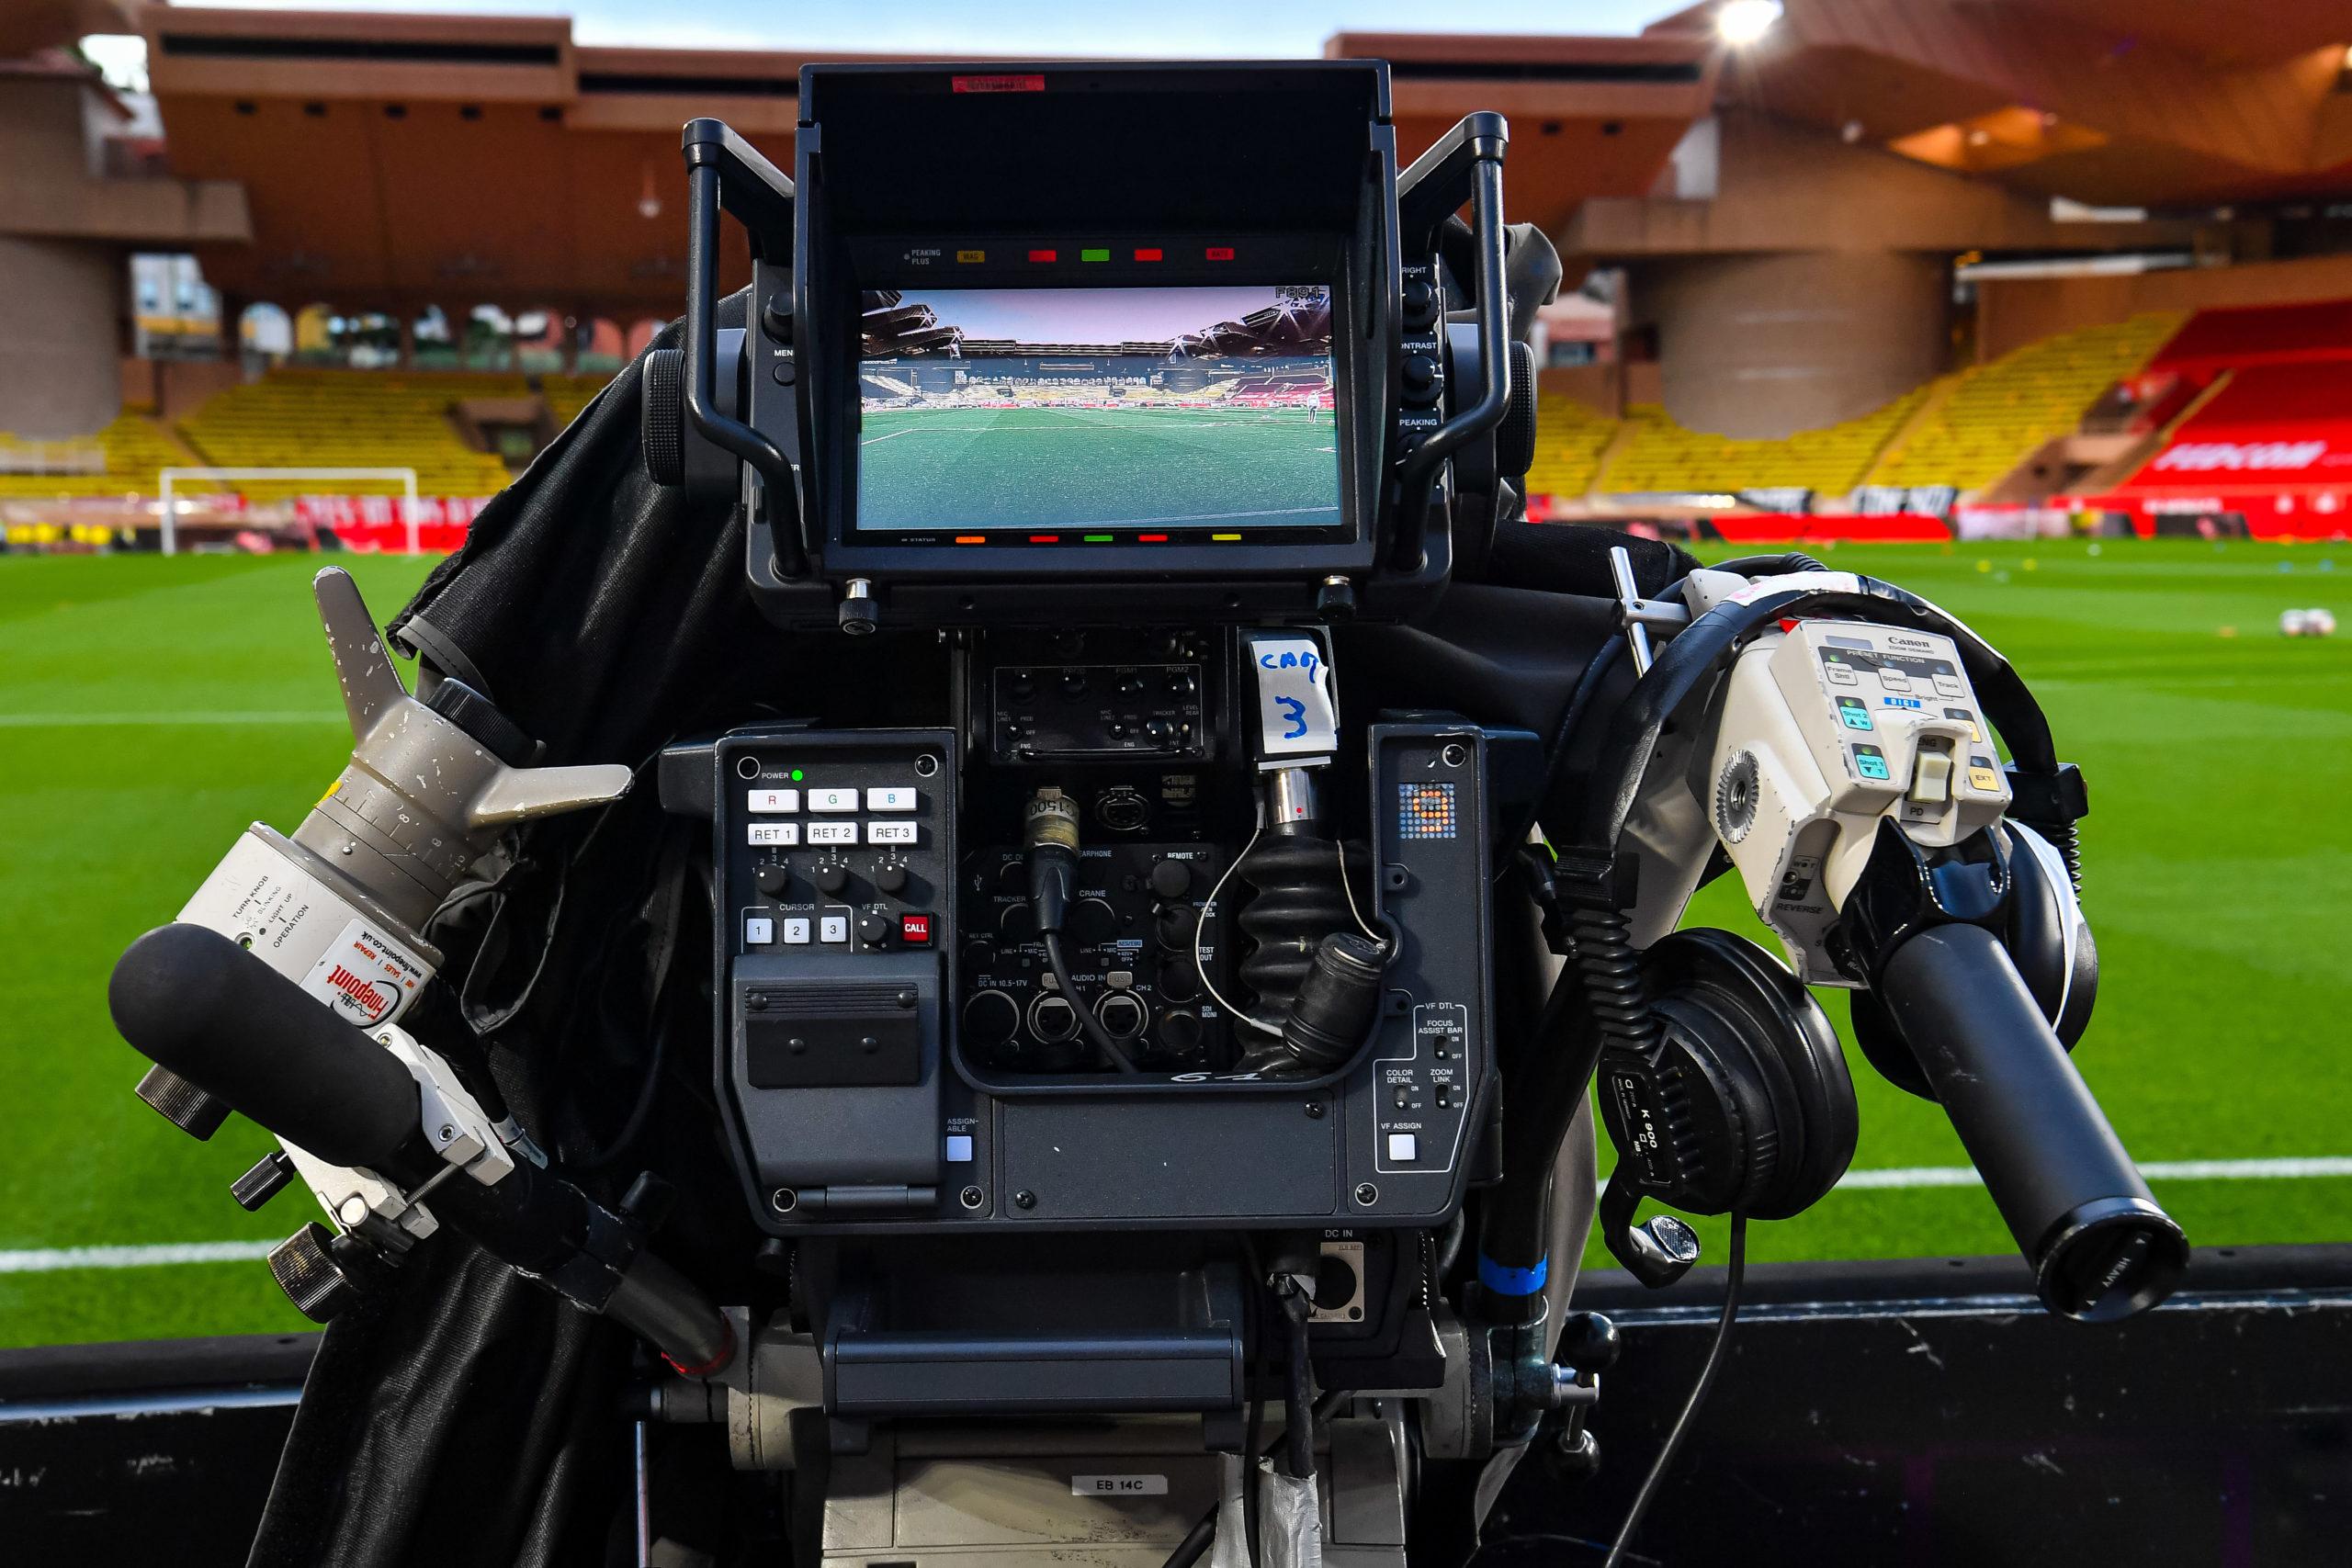 TV - La Ligue 1 pourrait être diffusée sur L'Equipe la saison prochaine